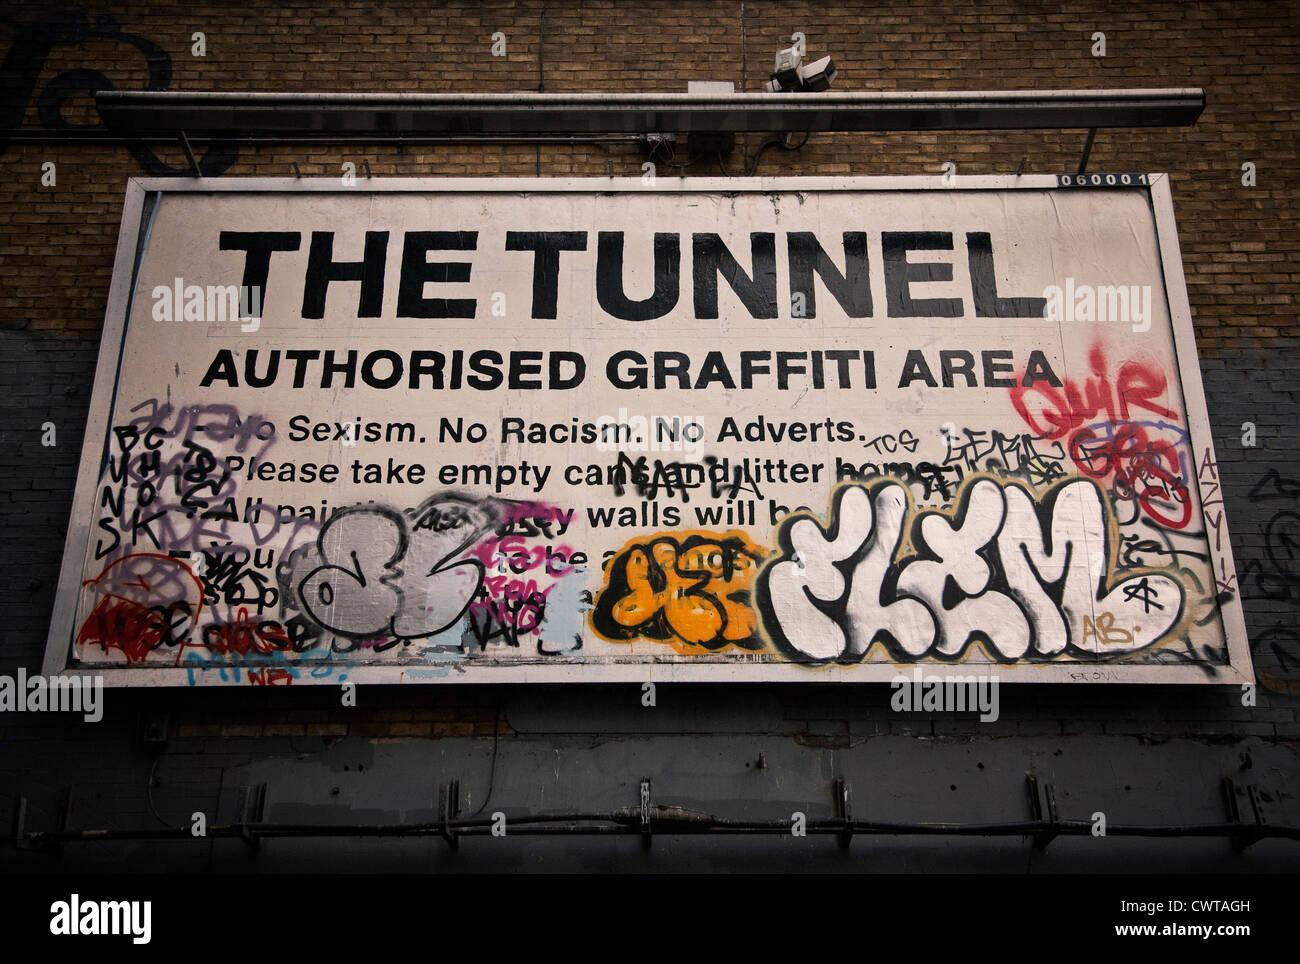 Reino Unido. Inglaterra. Londres. Lambeth. Waterloo. Signo humorístico sobre Leake Street el paso subterráneo. Imagen De Stock